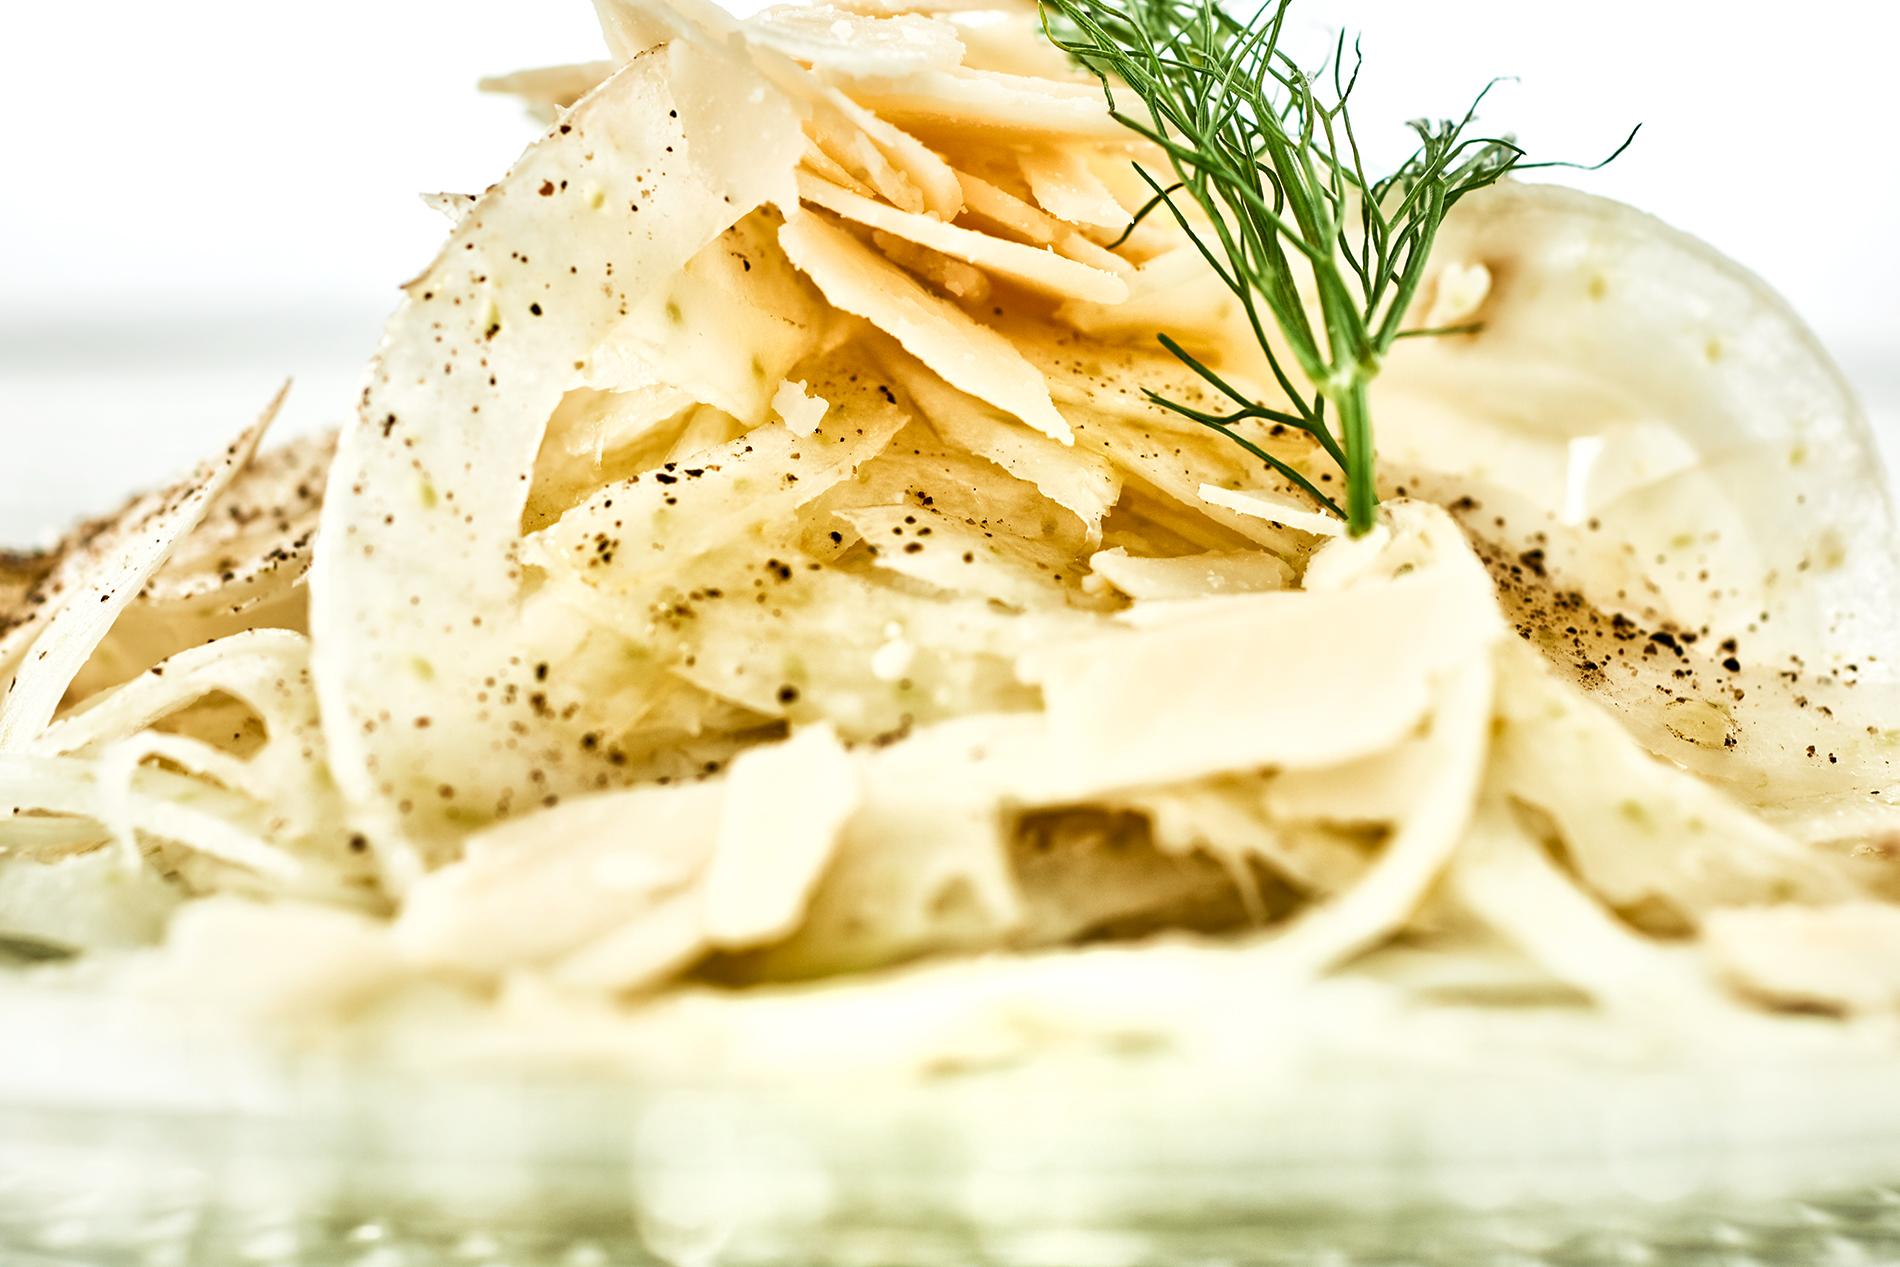 Gehobelter Fenchelsalat mit Zitrone und Parmesan dekoriert mit Fenchelgrün